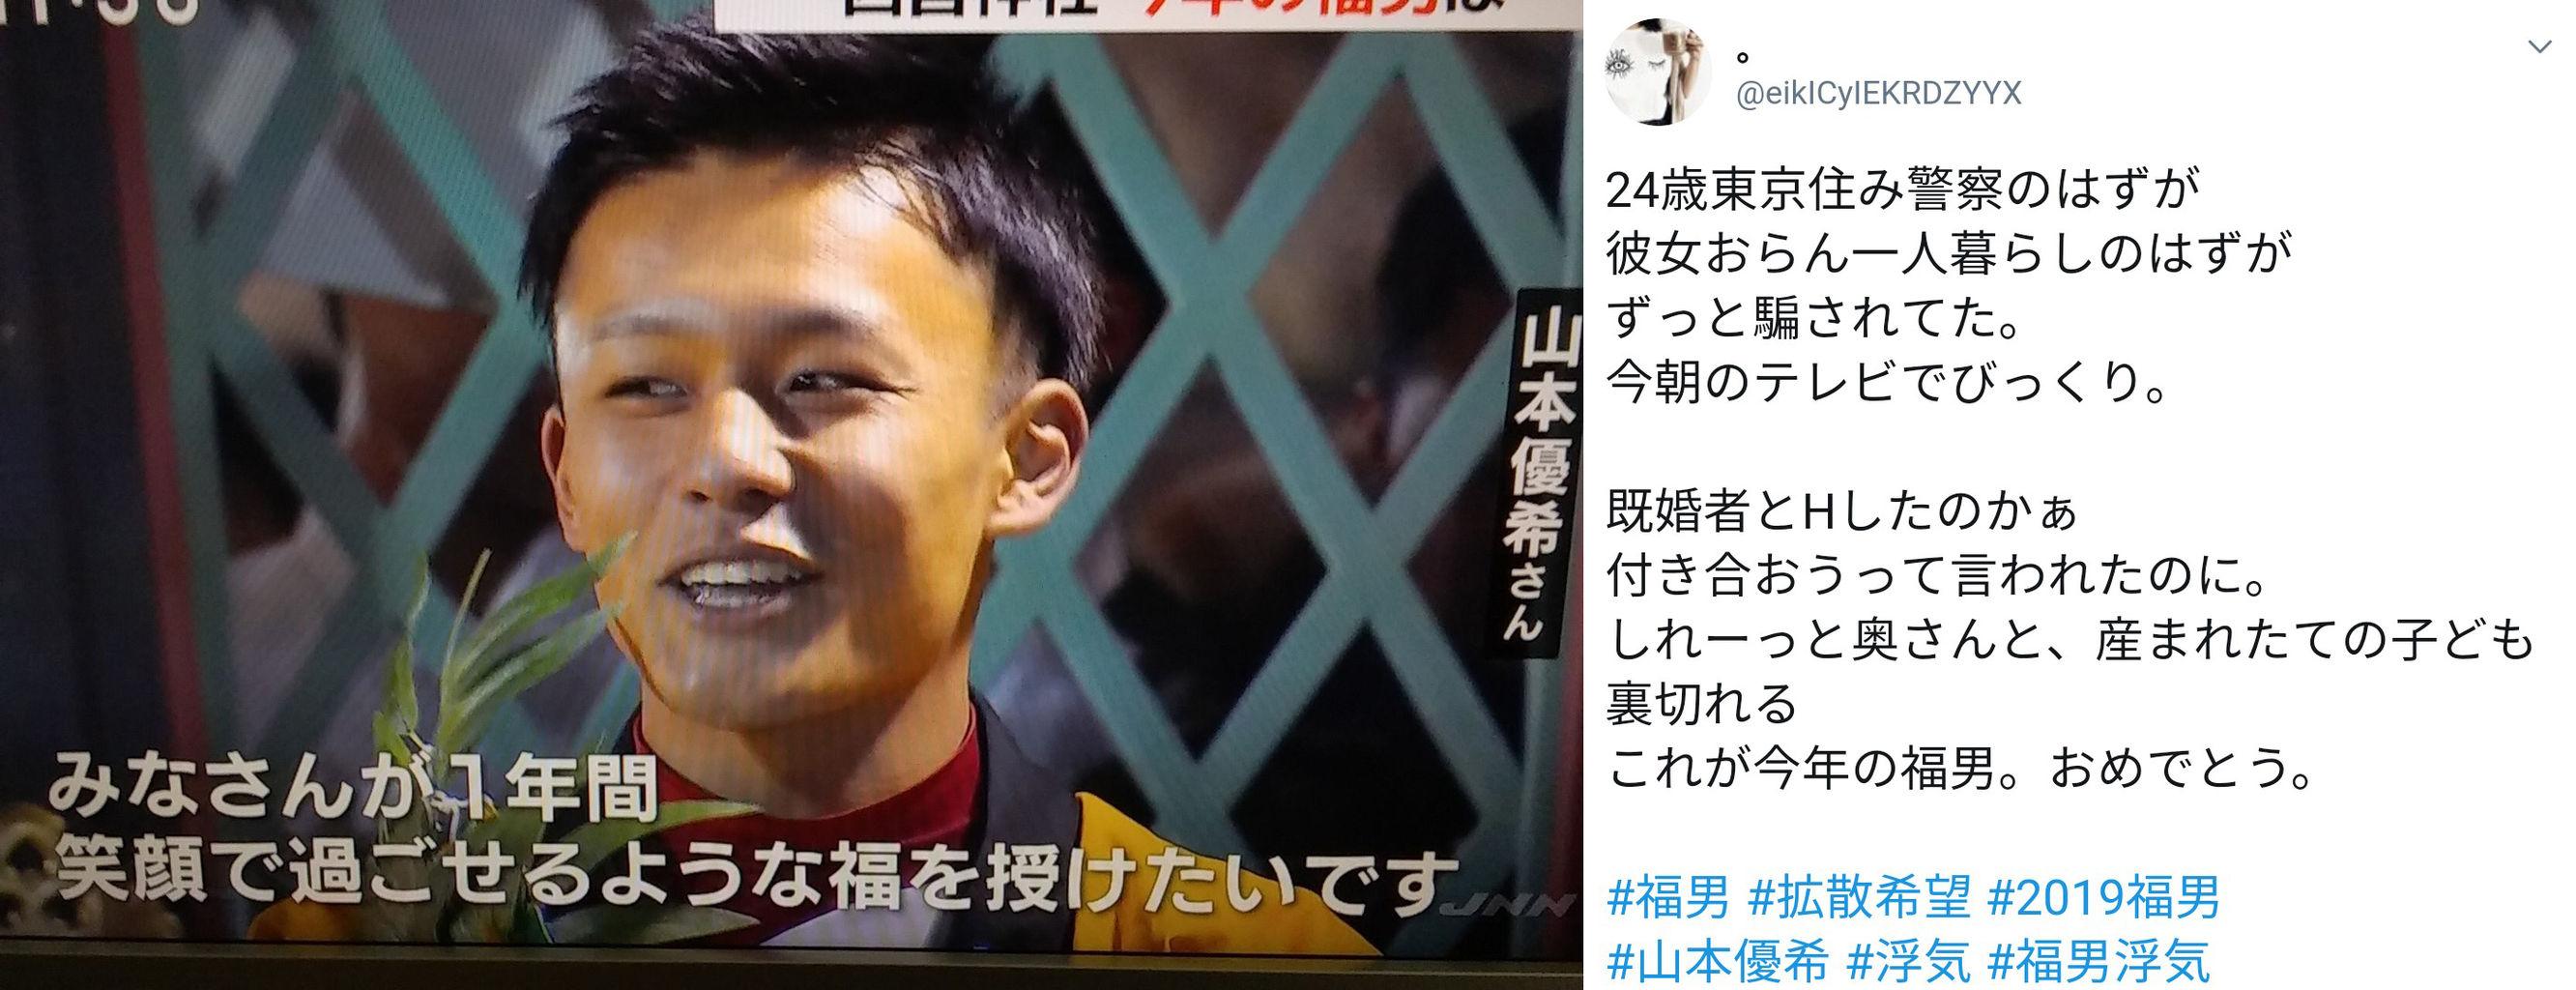 平成最後の福男、不倫発覚で相手の女から晒され炎上 : よもやま日報